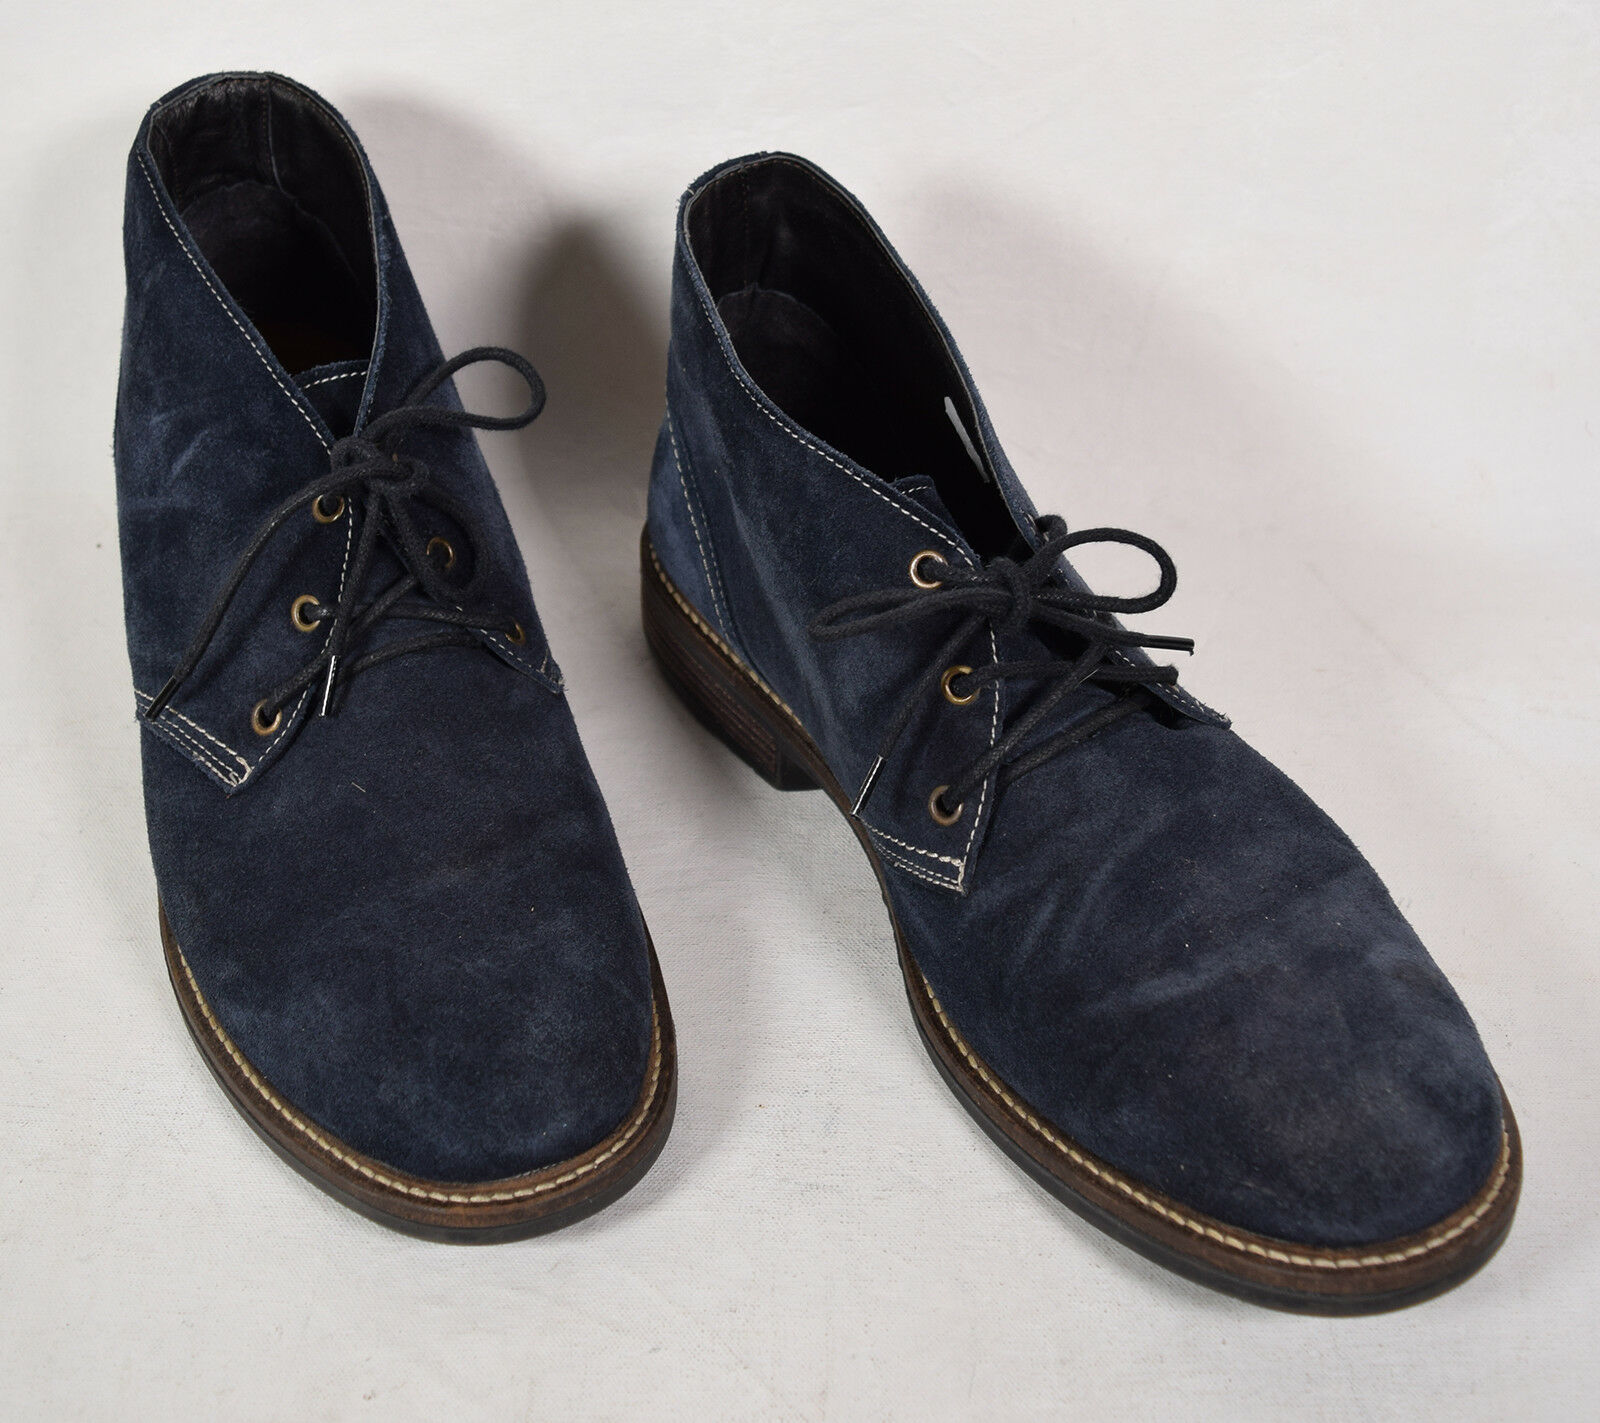 Naot Footware navey azul Suede Chukka Bota EE. UU. 13